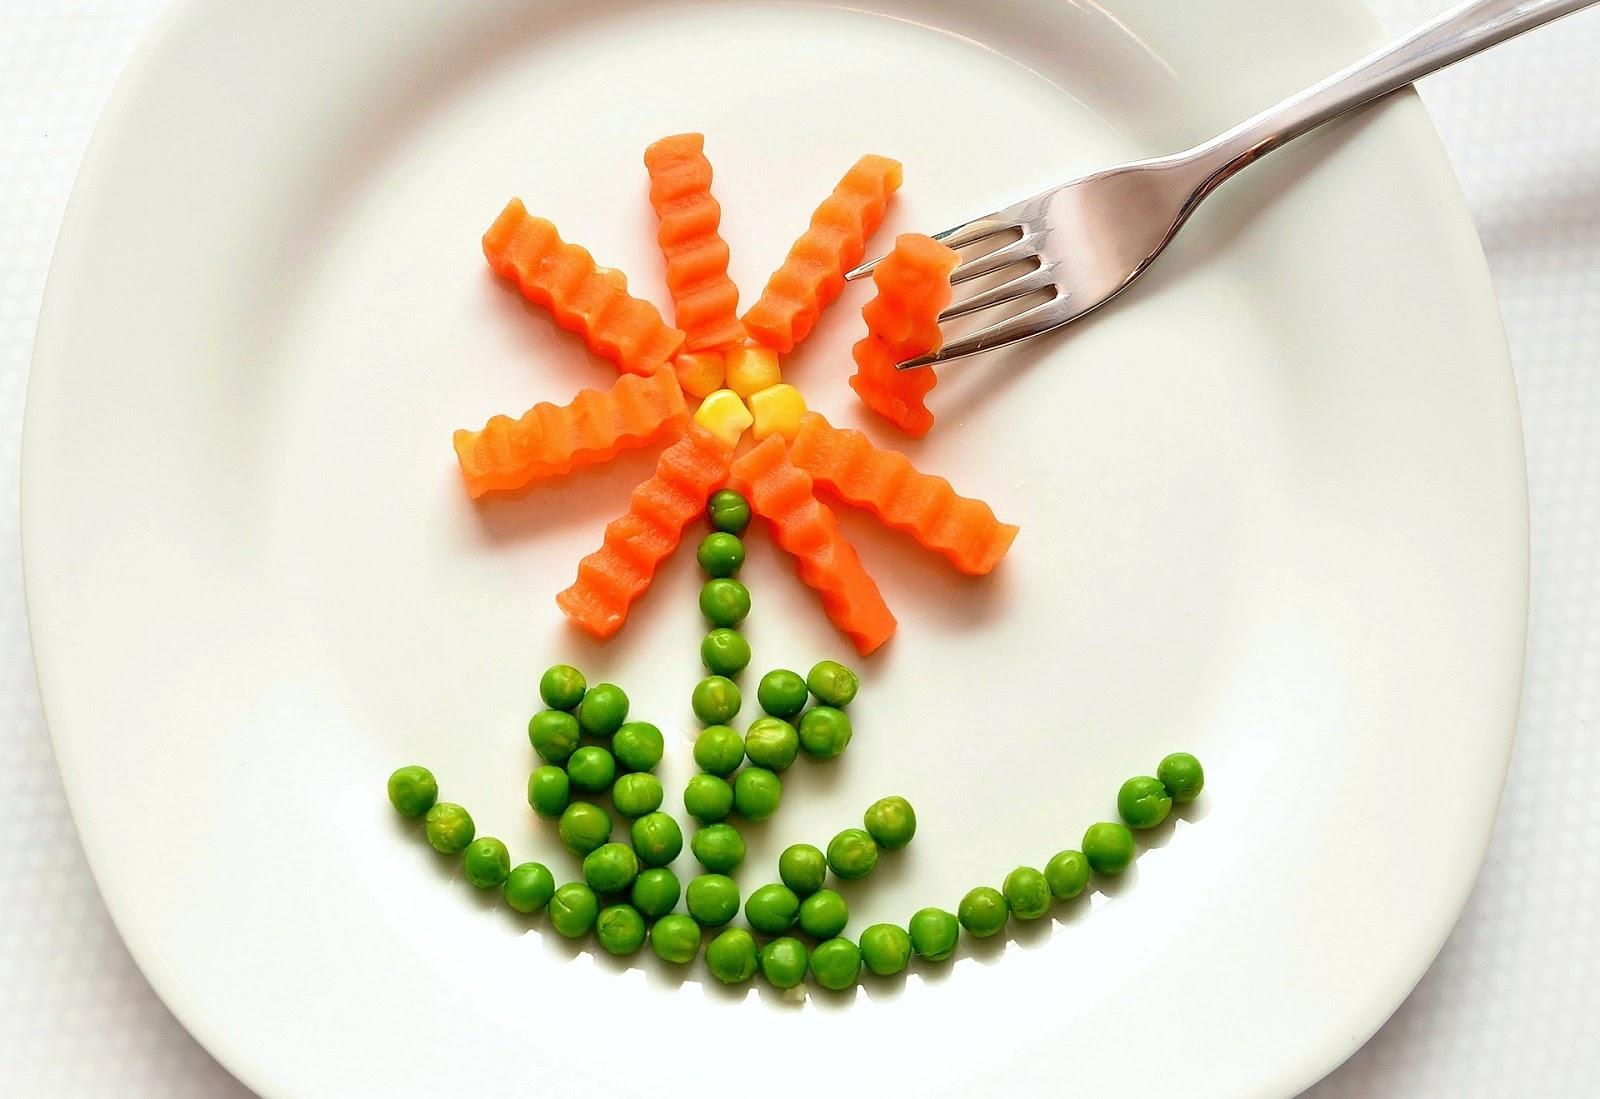 18 Dicas Para Emagrecer - www.amaeefit.com - alimentação saudável, comida e nutrição, dicas para emagrecer